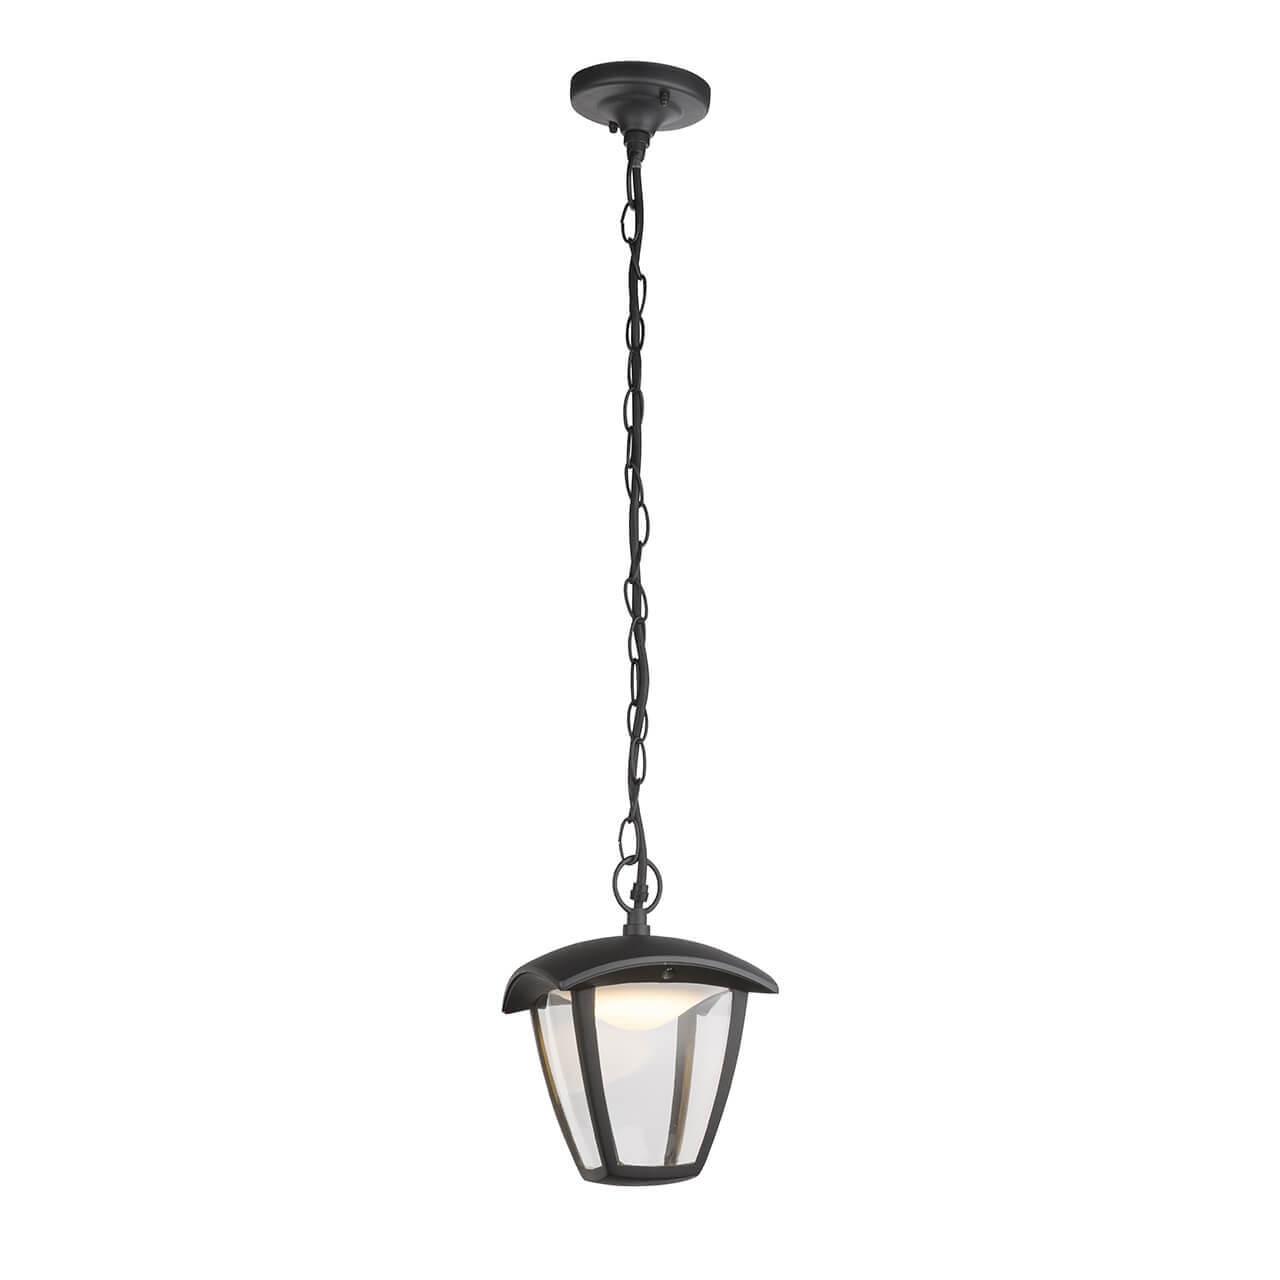 Уличный подвесной светодиодный светильник Globo Delio 31829 globo фонарный столб globo delio 31828